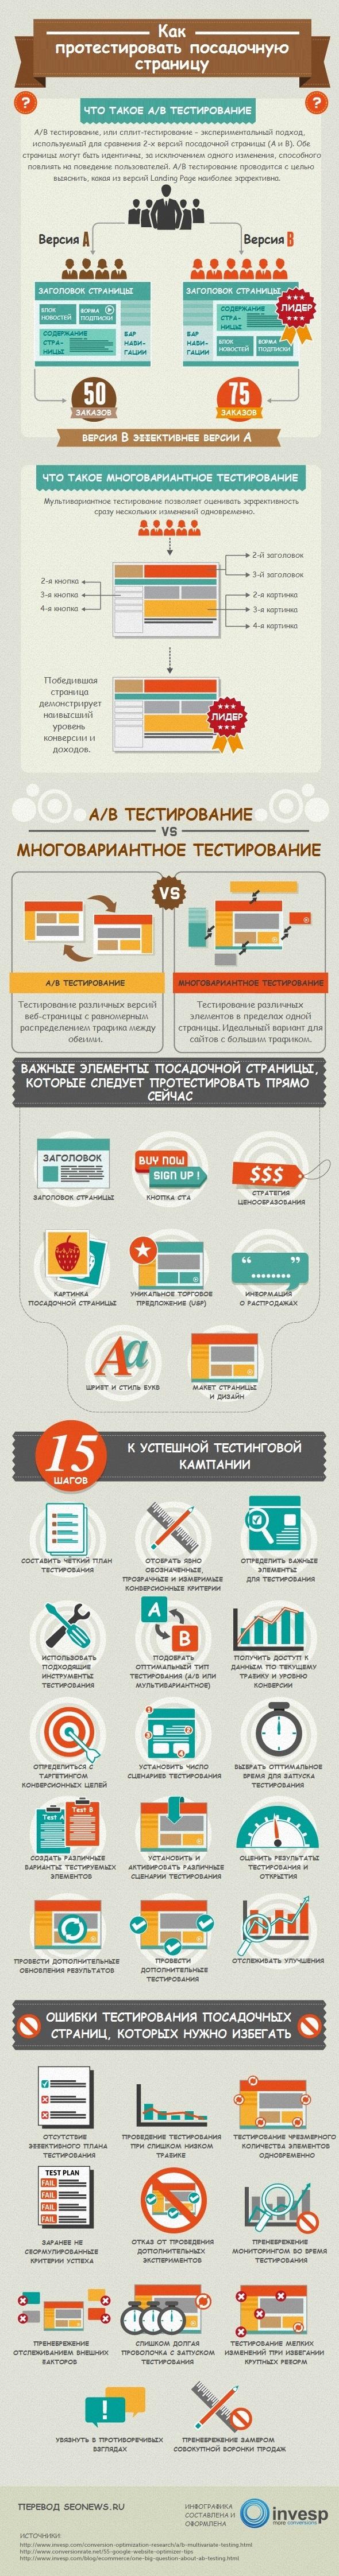 SEO-инфографика